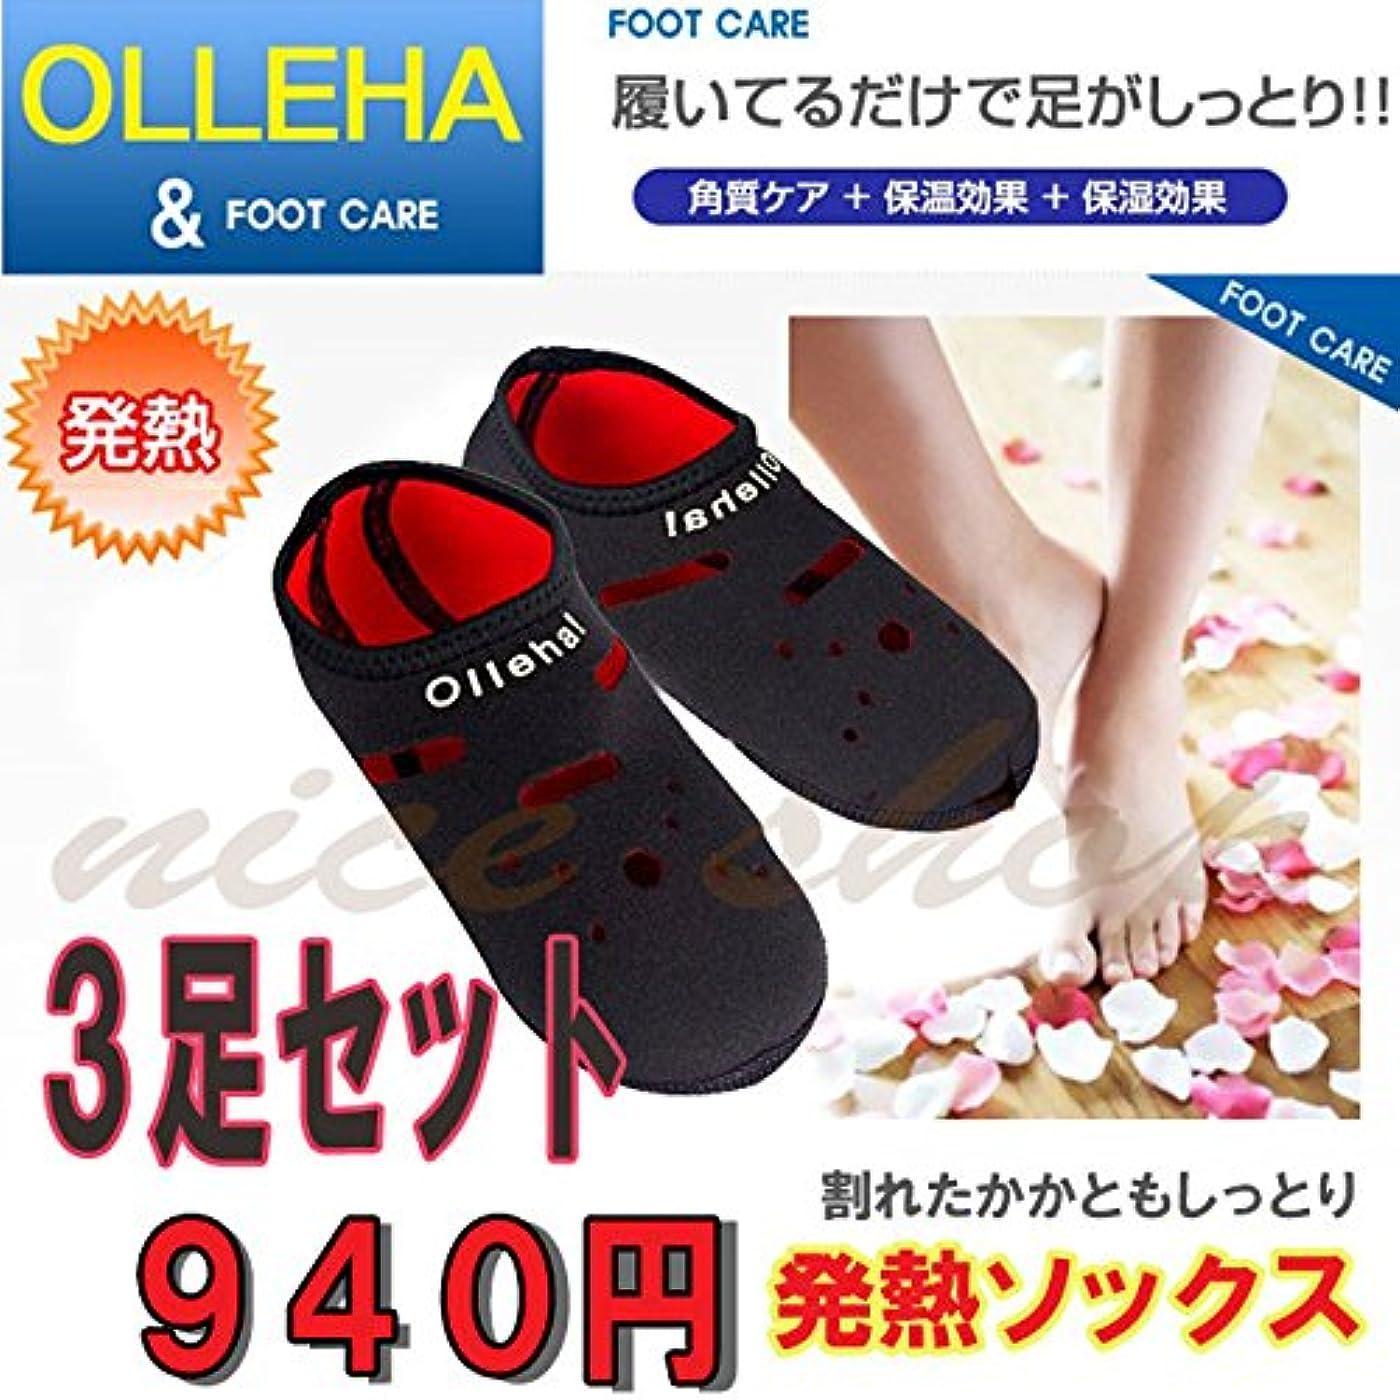 のヒープ非行少し発熱靴下(足袋)発熱ソックス、フットケアー Olleha! (L(24.5~26.0))